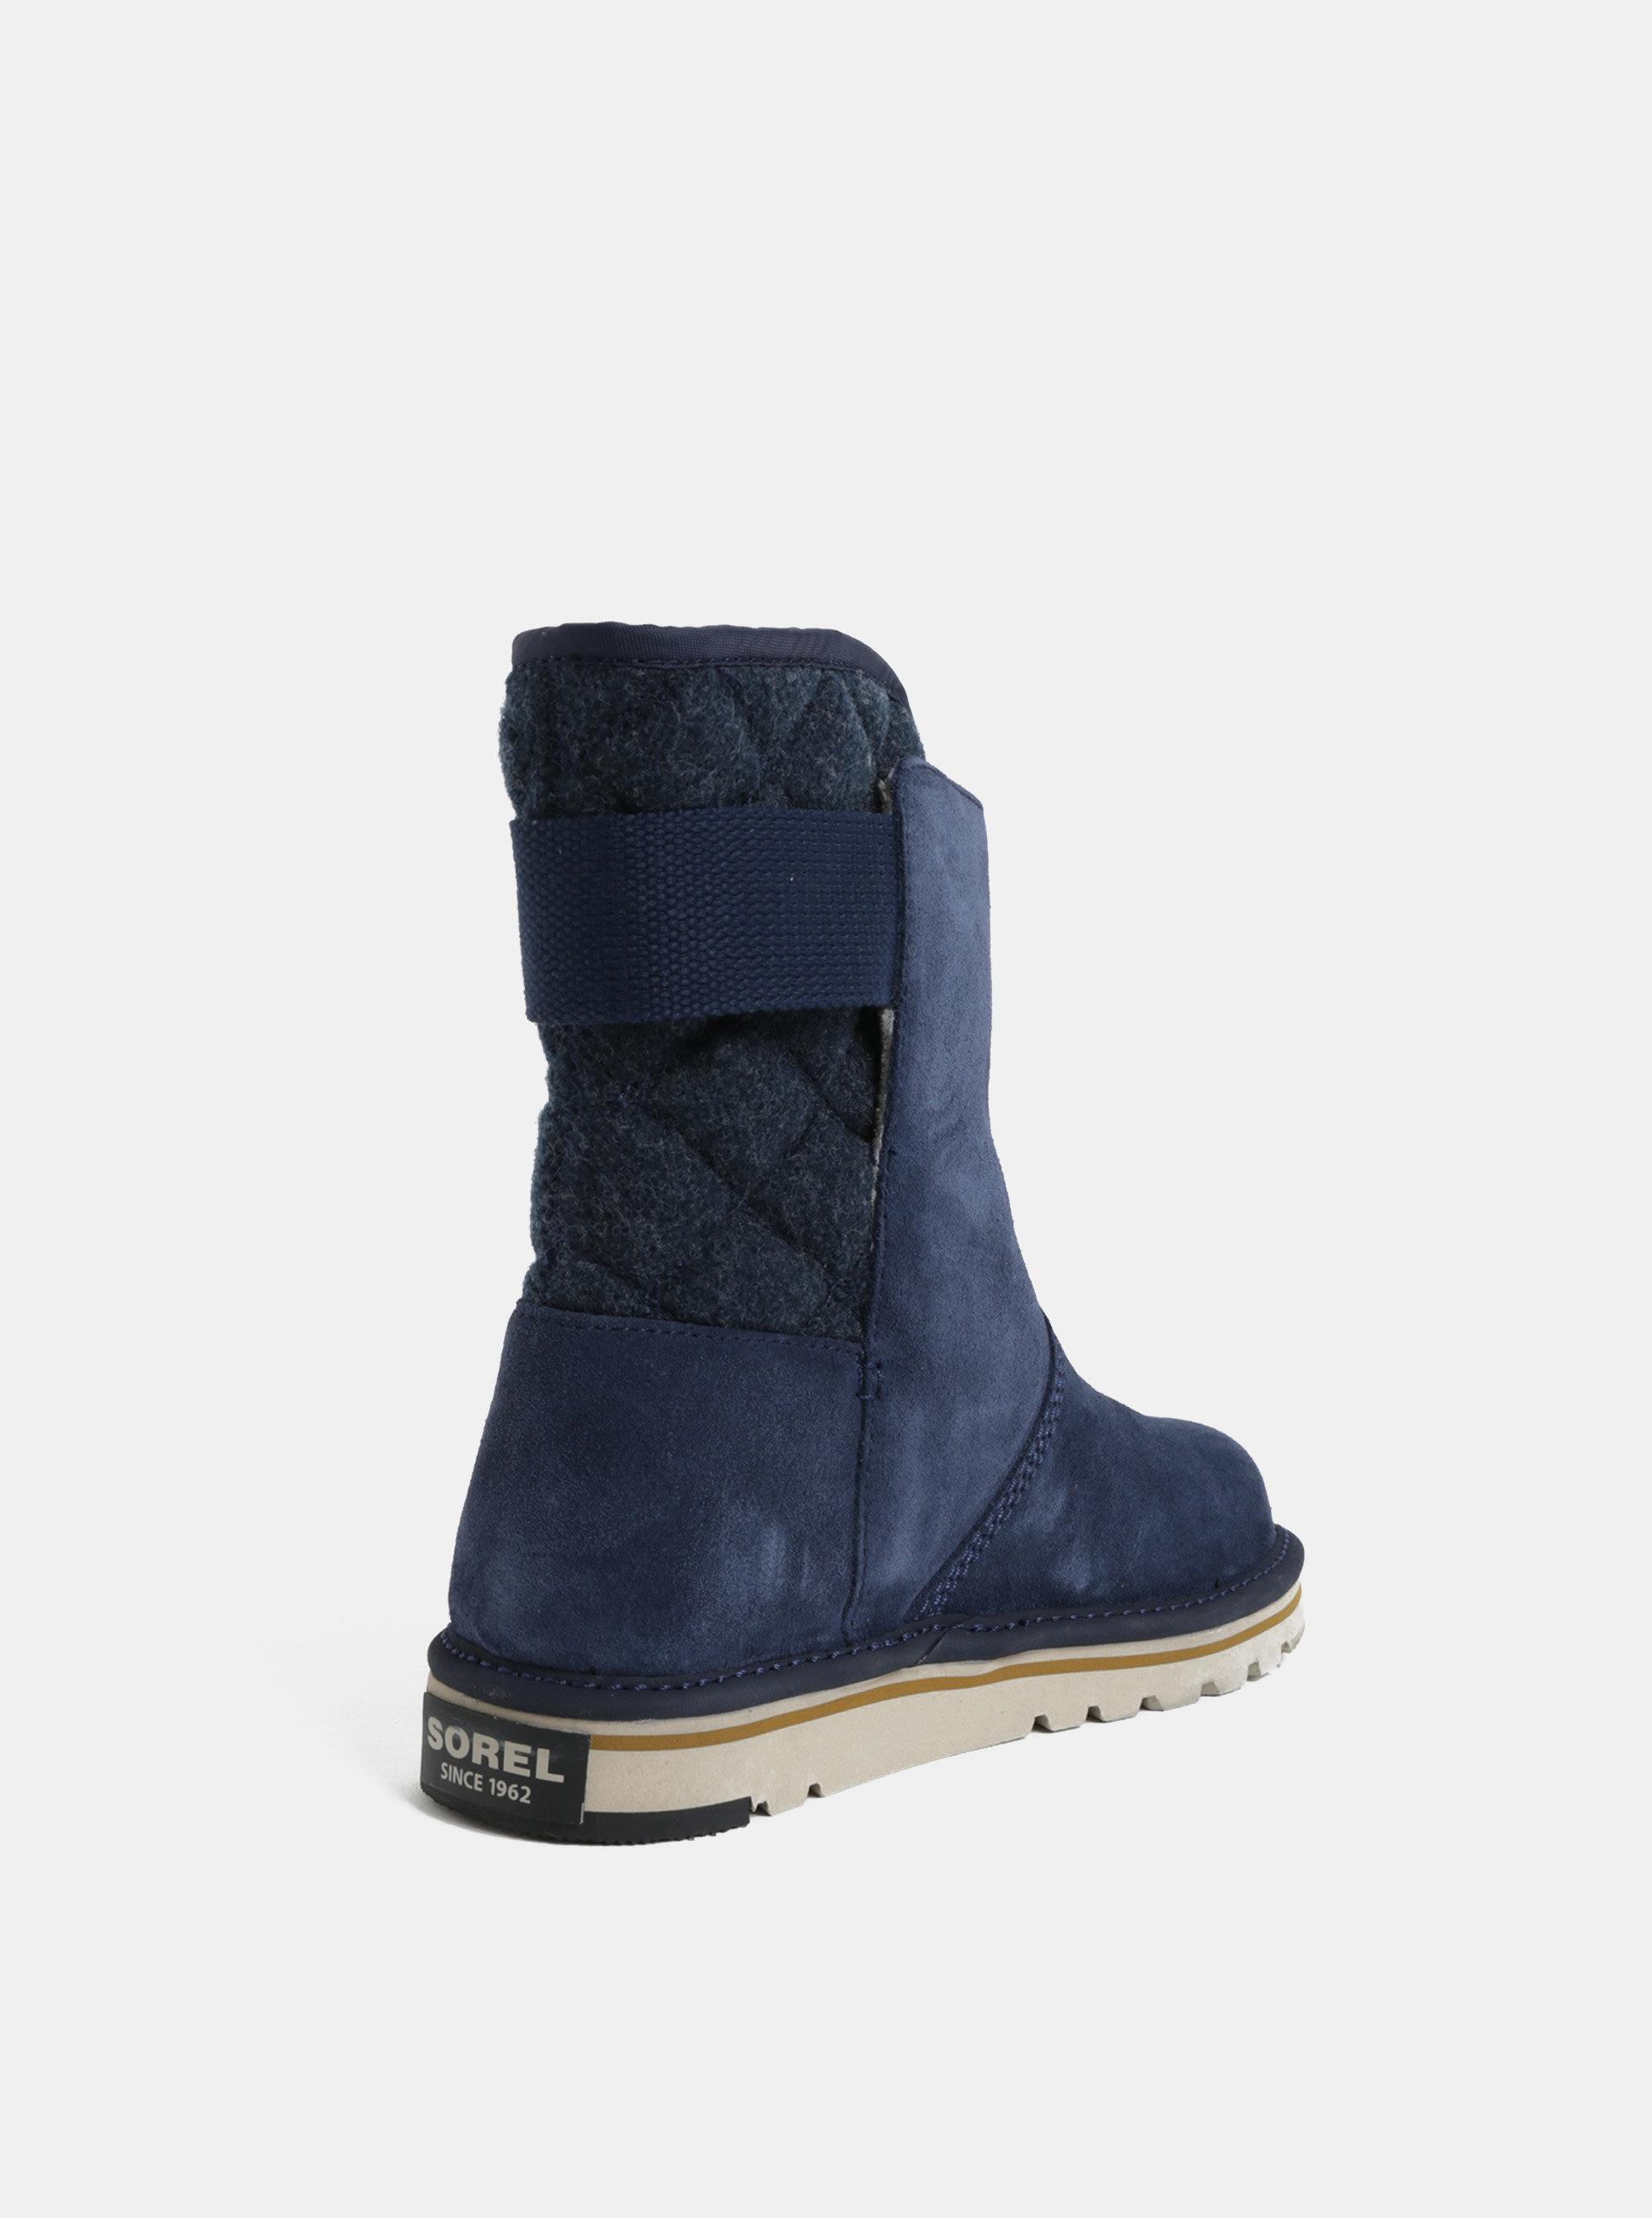 Tmavě modré dámské semišové zimní boty SOREL Newbie ... fa6f7b5a84